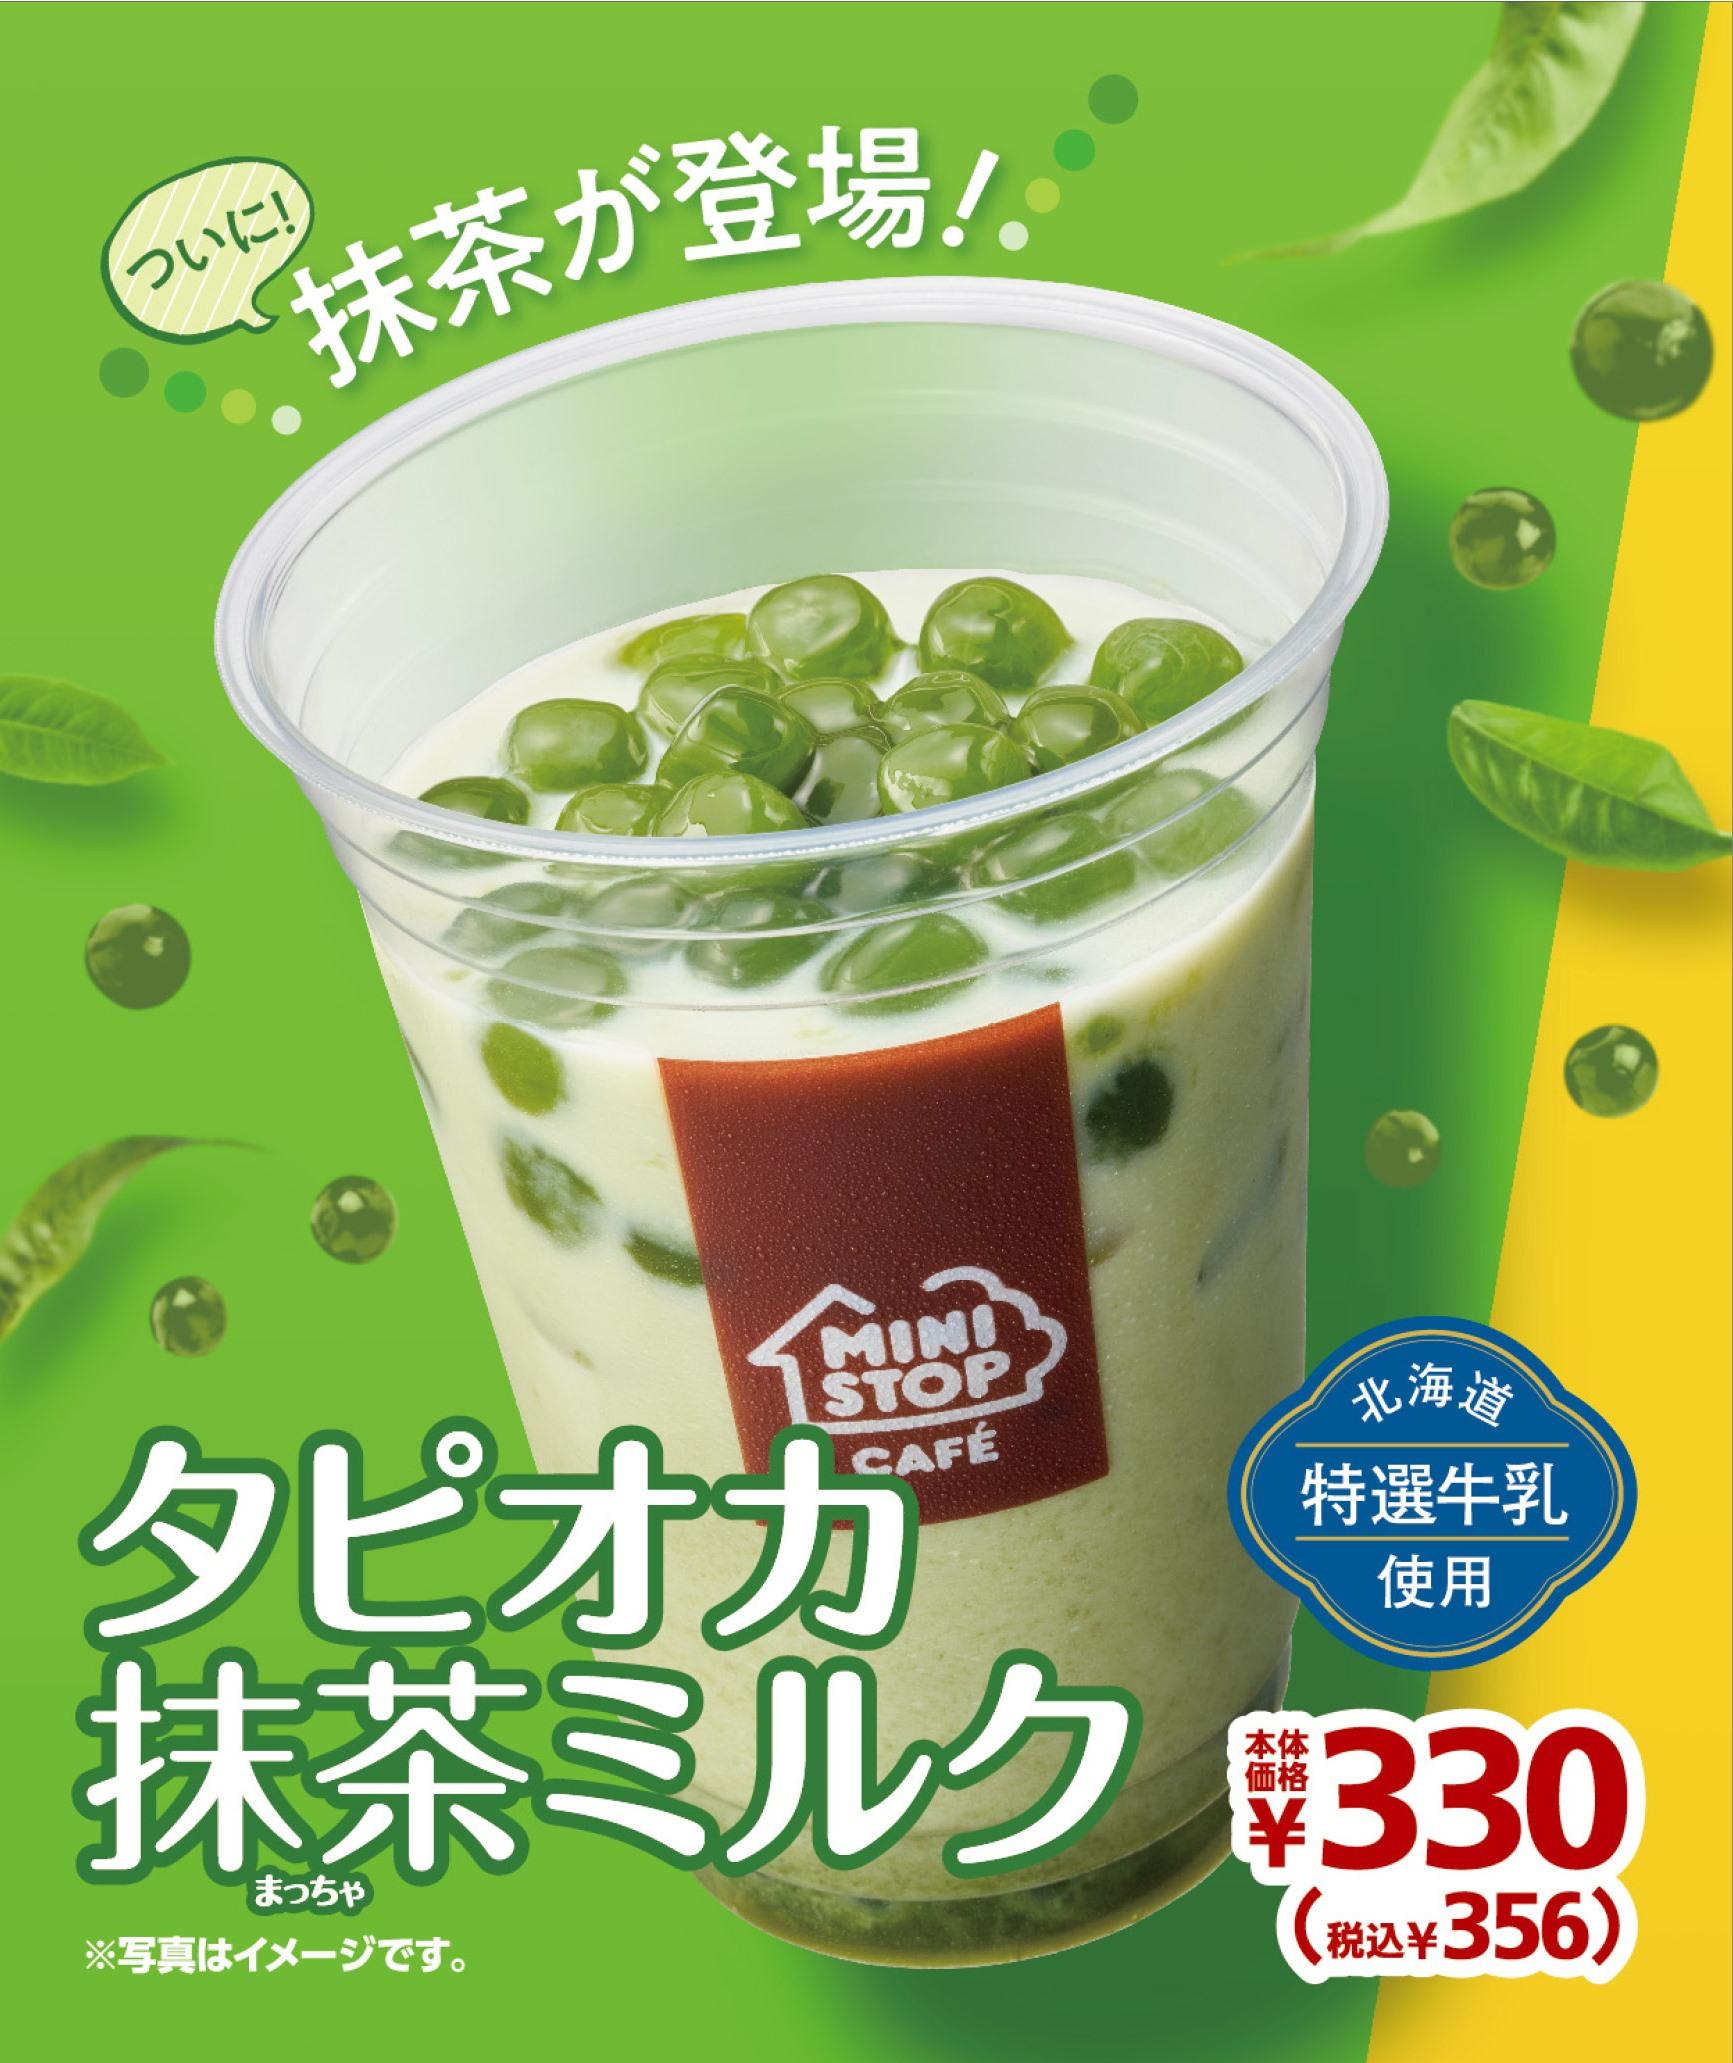 ミニストップのタピオカドリンクに『抹茶味』が登場🍵💙「タピオカ抹茶ミルク」「温タピ 抹茶ミルク」 2/14(金)より発売🌈